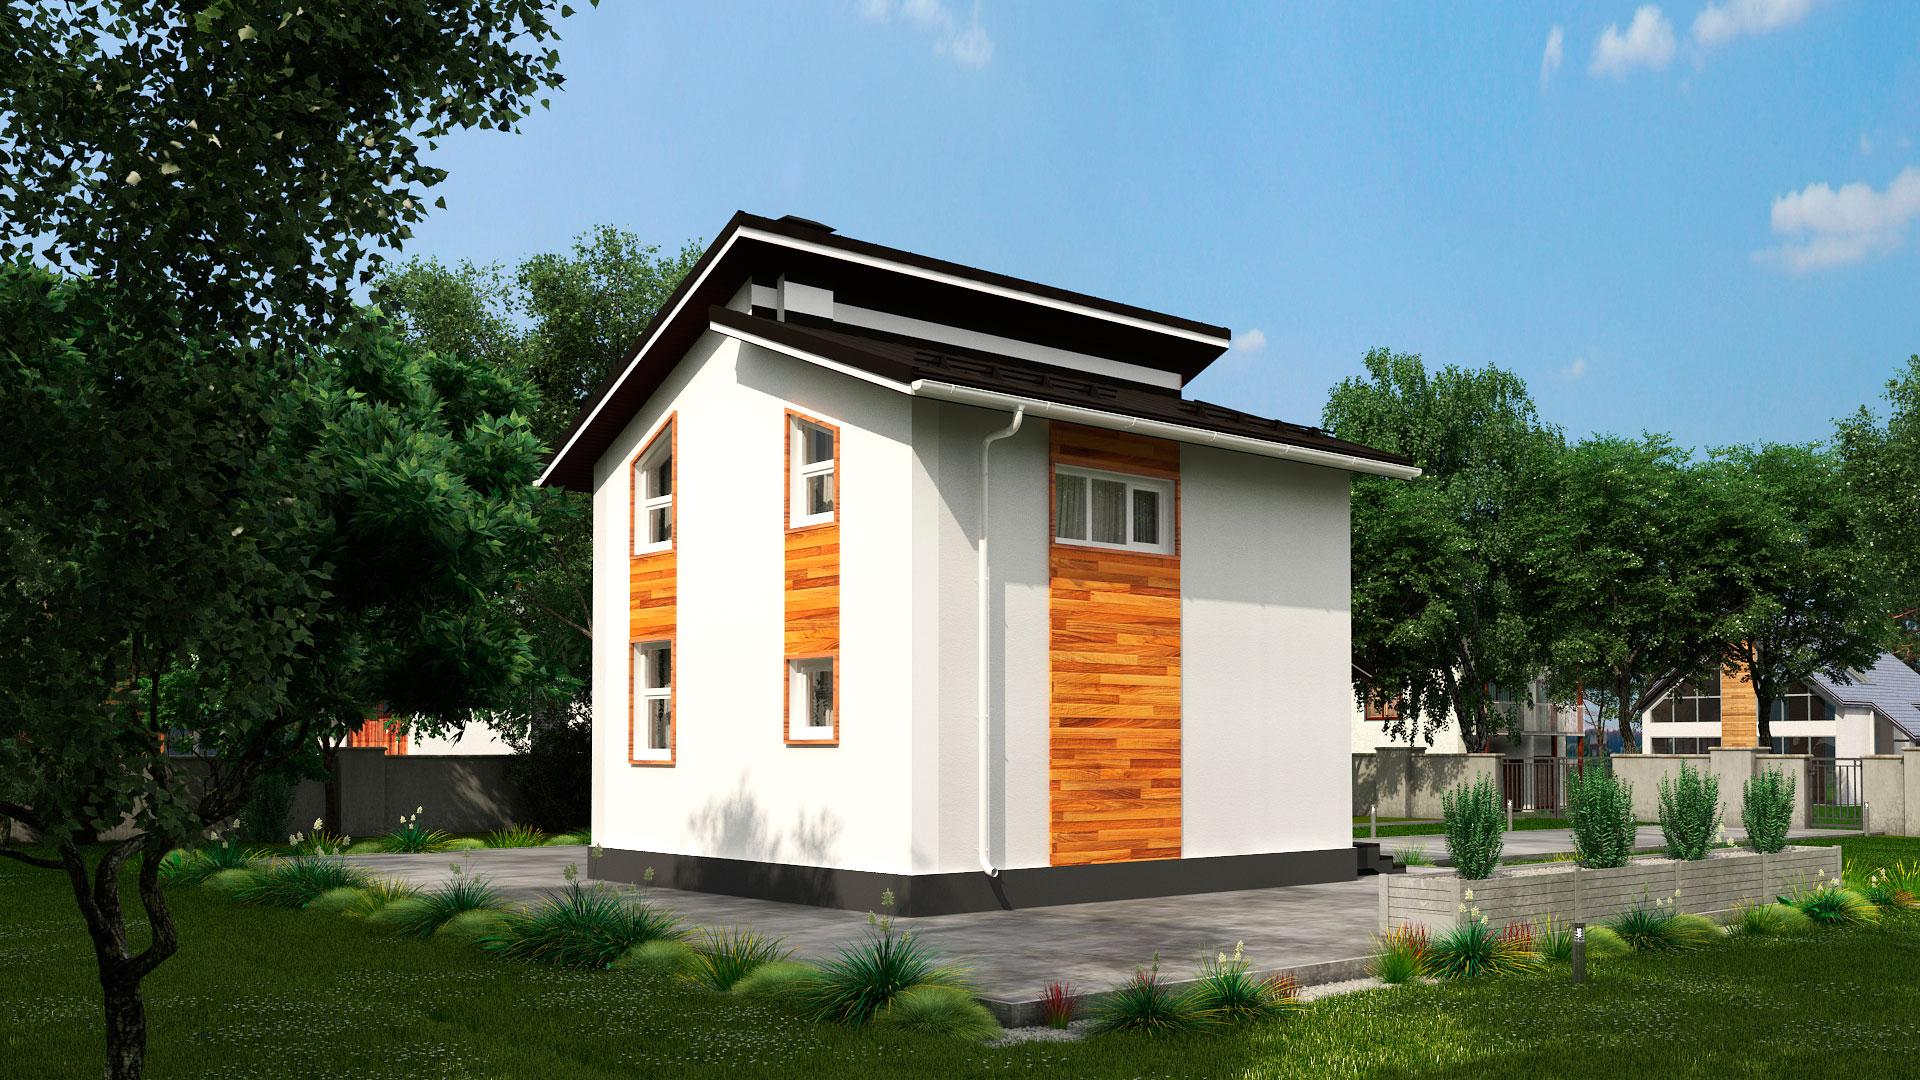 Боковой фасад двухэтажного дома 6 на 7 двухэтажного, проект БЭНПАН МС-95/1.